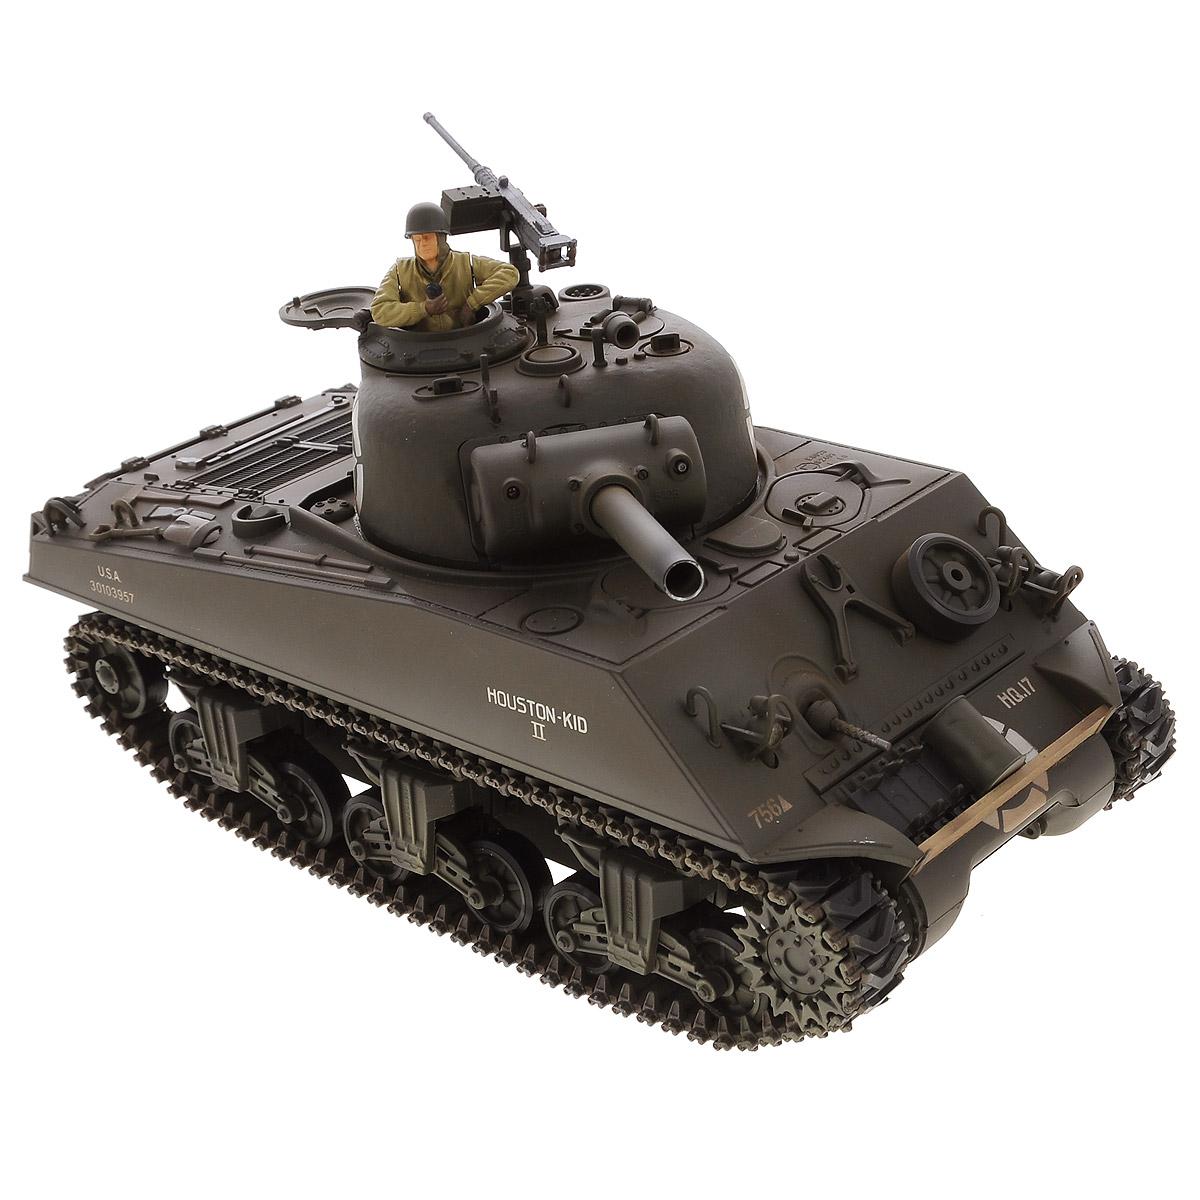 """Радиоуправляемый танк VSP """"US M4A3 Sherman"""" - это высокотехнологичная коллекционная модель в масштабе 1/24. Она представляет собой уменьшенную копию основного среднего танка вооруженных сил США времен Второй мировой войны, известного как """"М4 Шерман"""". Эта боевая машина была разработана в 1940 году и широко использовалась на всех местах боевых действий, а также в больших количествах поставлялась союзникам (Великобритании и СССР). Пульт управления работает на частоте 2,4 ГГц и оснащен светодиодной подсветкой голубого цвета. Система Airsoft обеспечивает постоянное движение танка и стрельбу из пневматической пушки. Данная модель может стрелять мягкими (пневматическими) BB шариками, поэтому имеет возрастное ограничение от 14 лет. Благодаря работе на частоте 2,4 ГГц танк будет легко сопрягаться с пультом управления. Новые электронные схемы, примененные в этом пульте, позволяют принимать участие в игровых сражениях одновременно 16 танкам. Радиус..."""